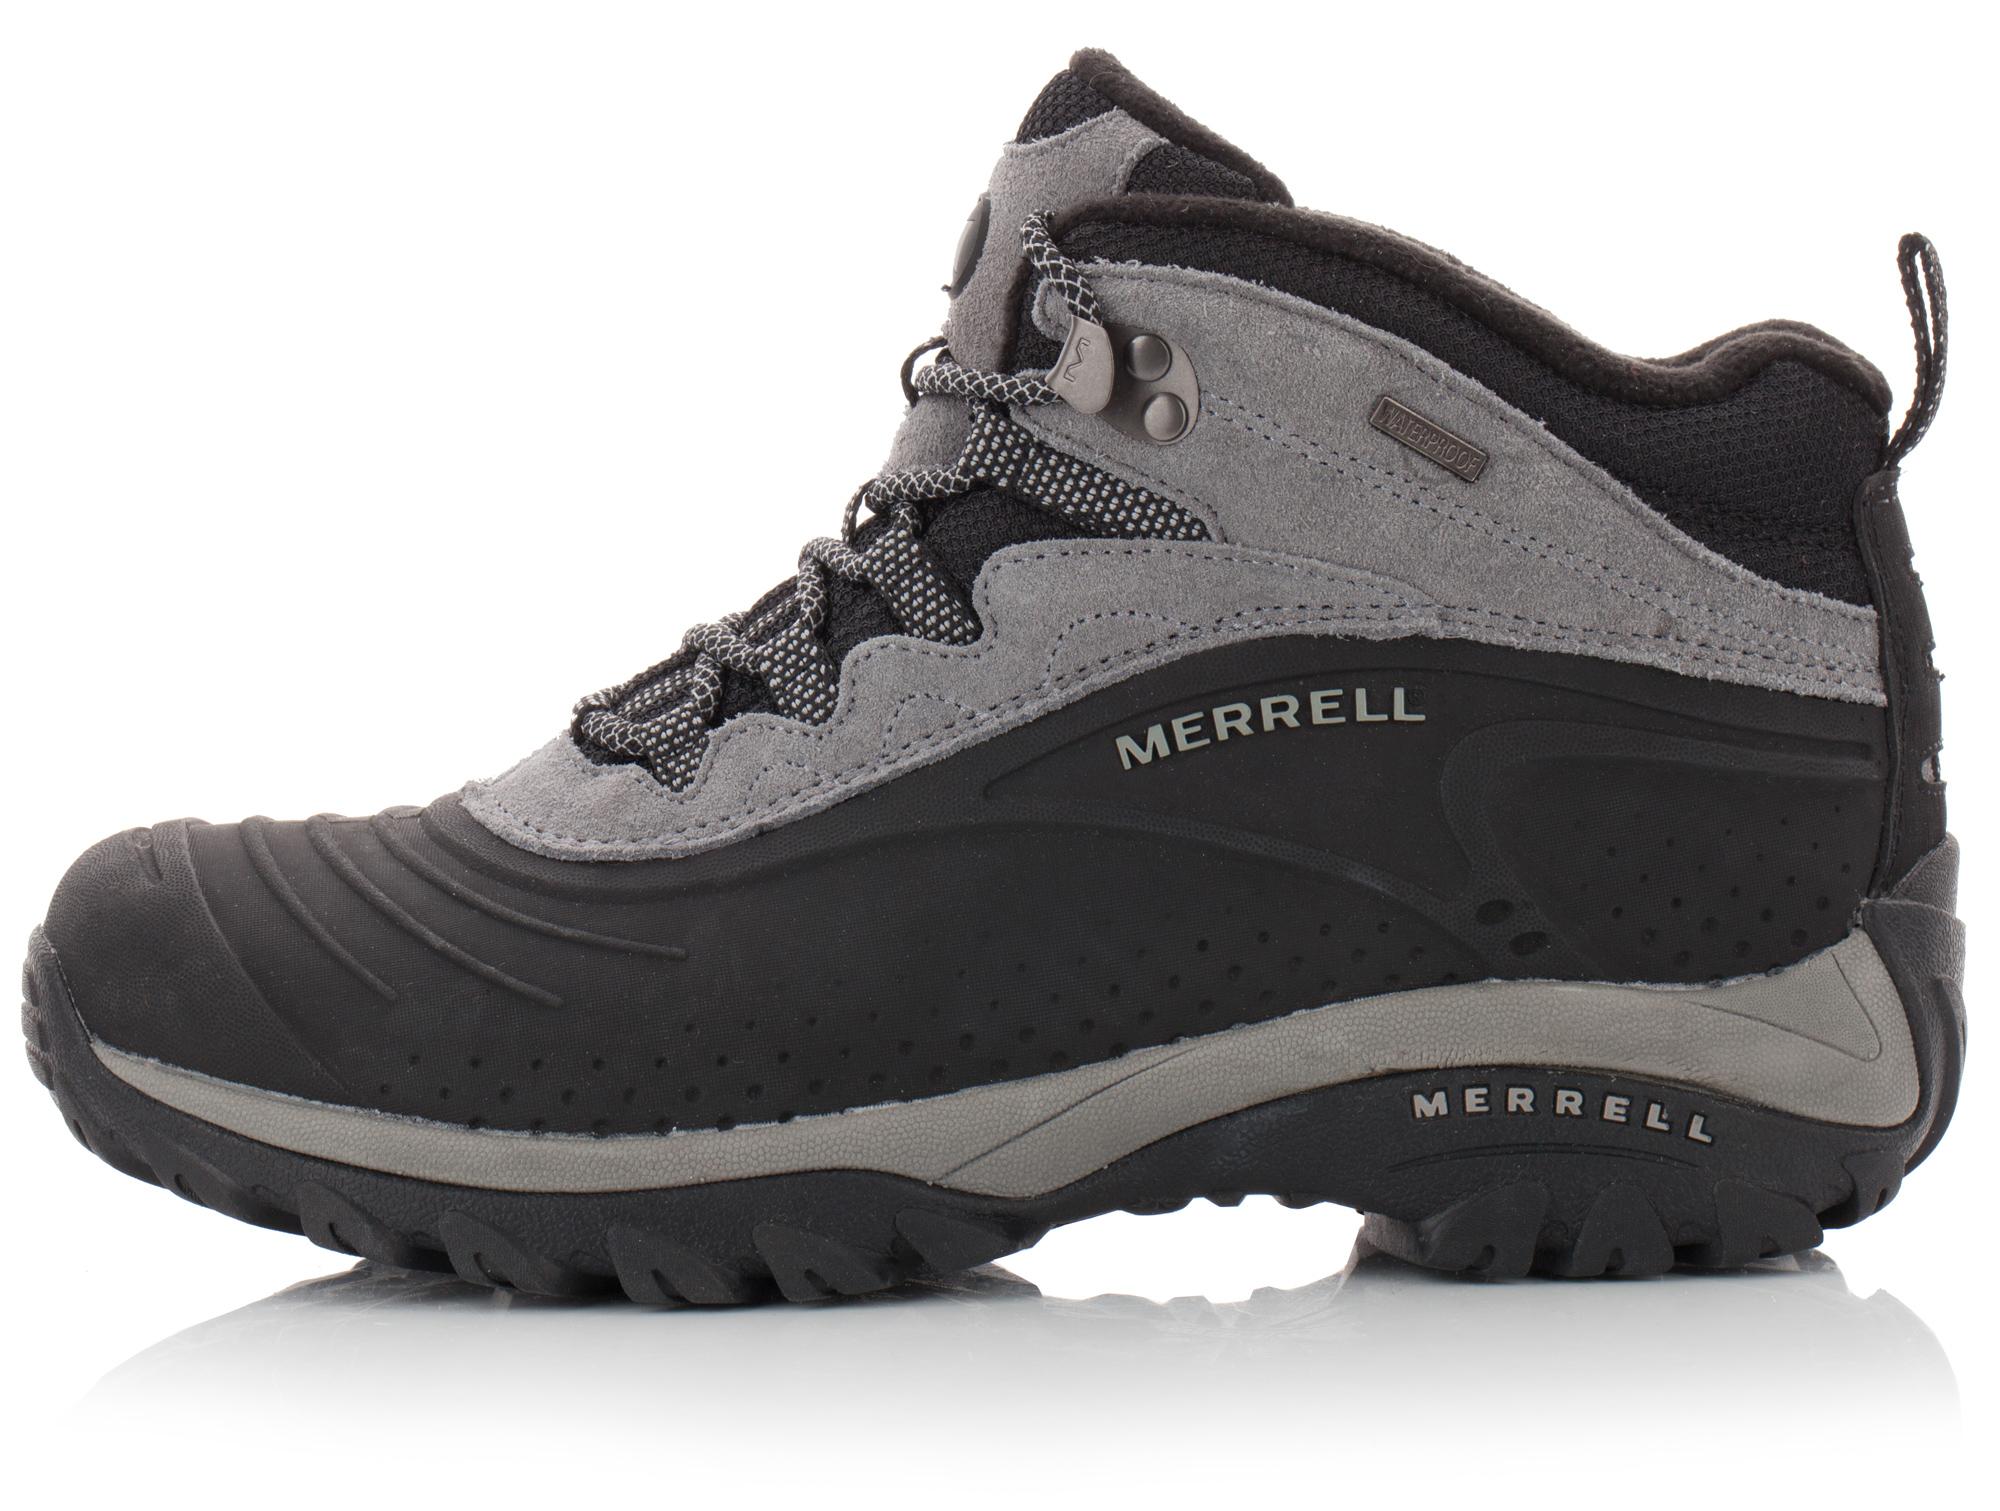 цена на Merrell Ботинки утепленные мужские Merrell Storm Trekker 6, размер 40